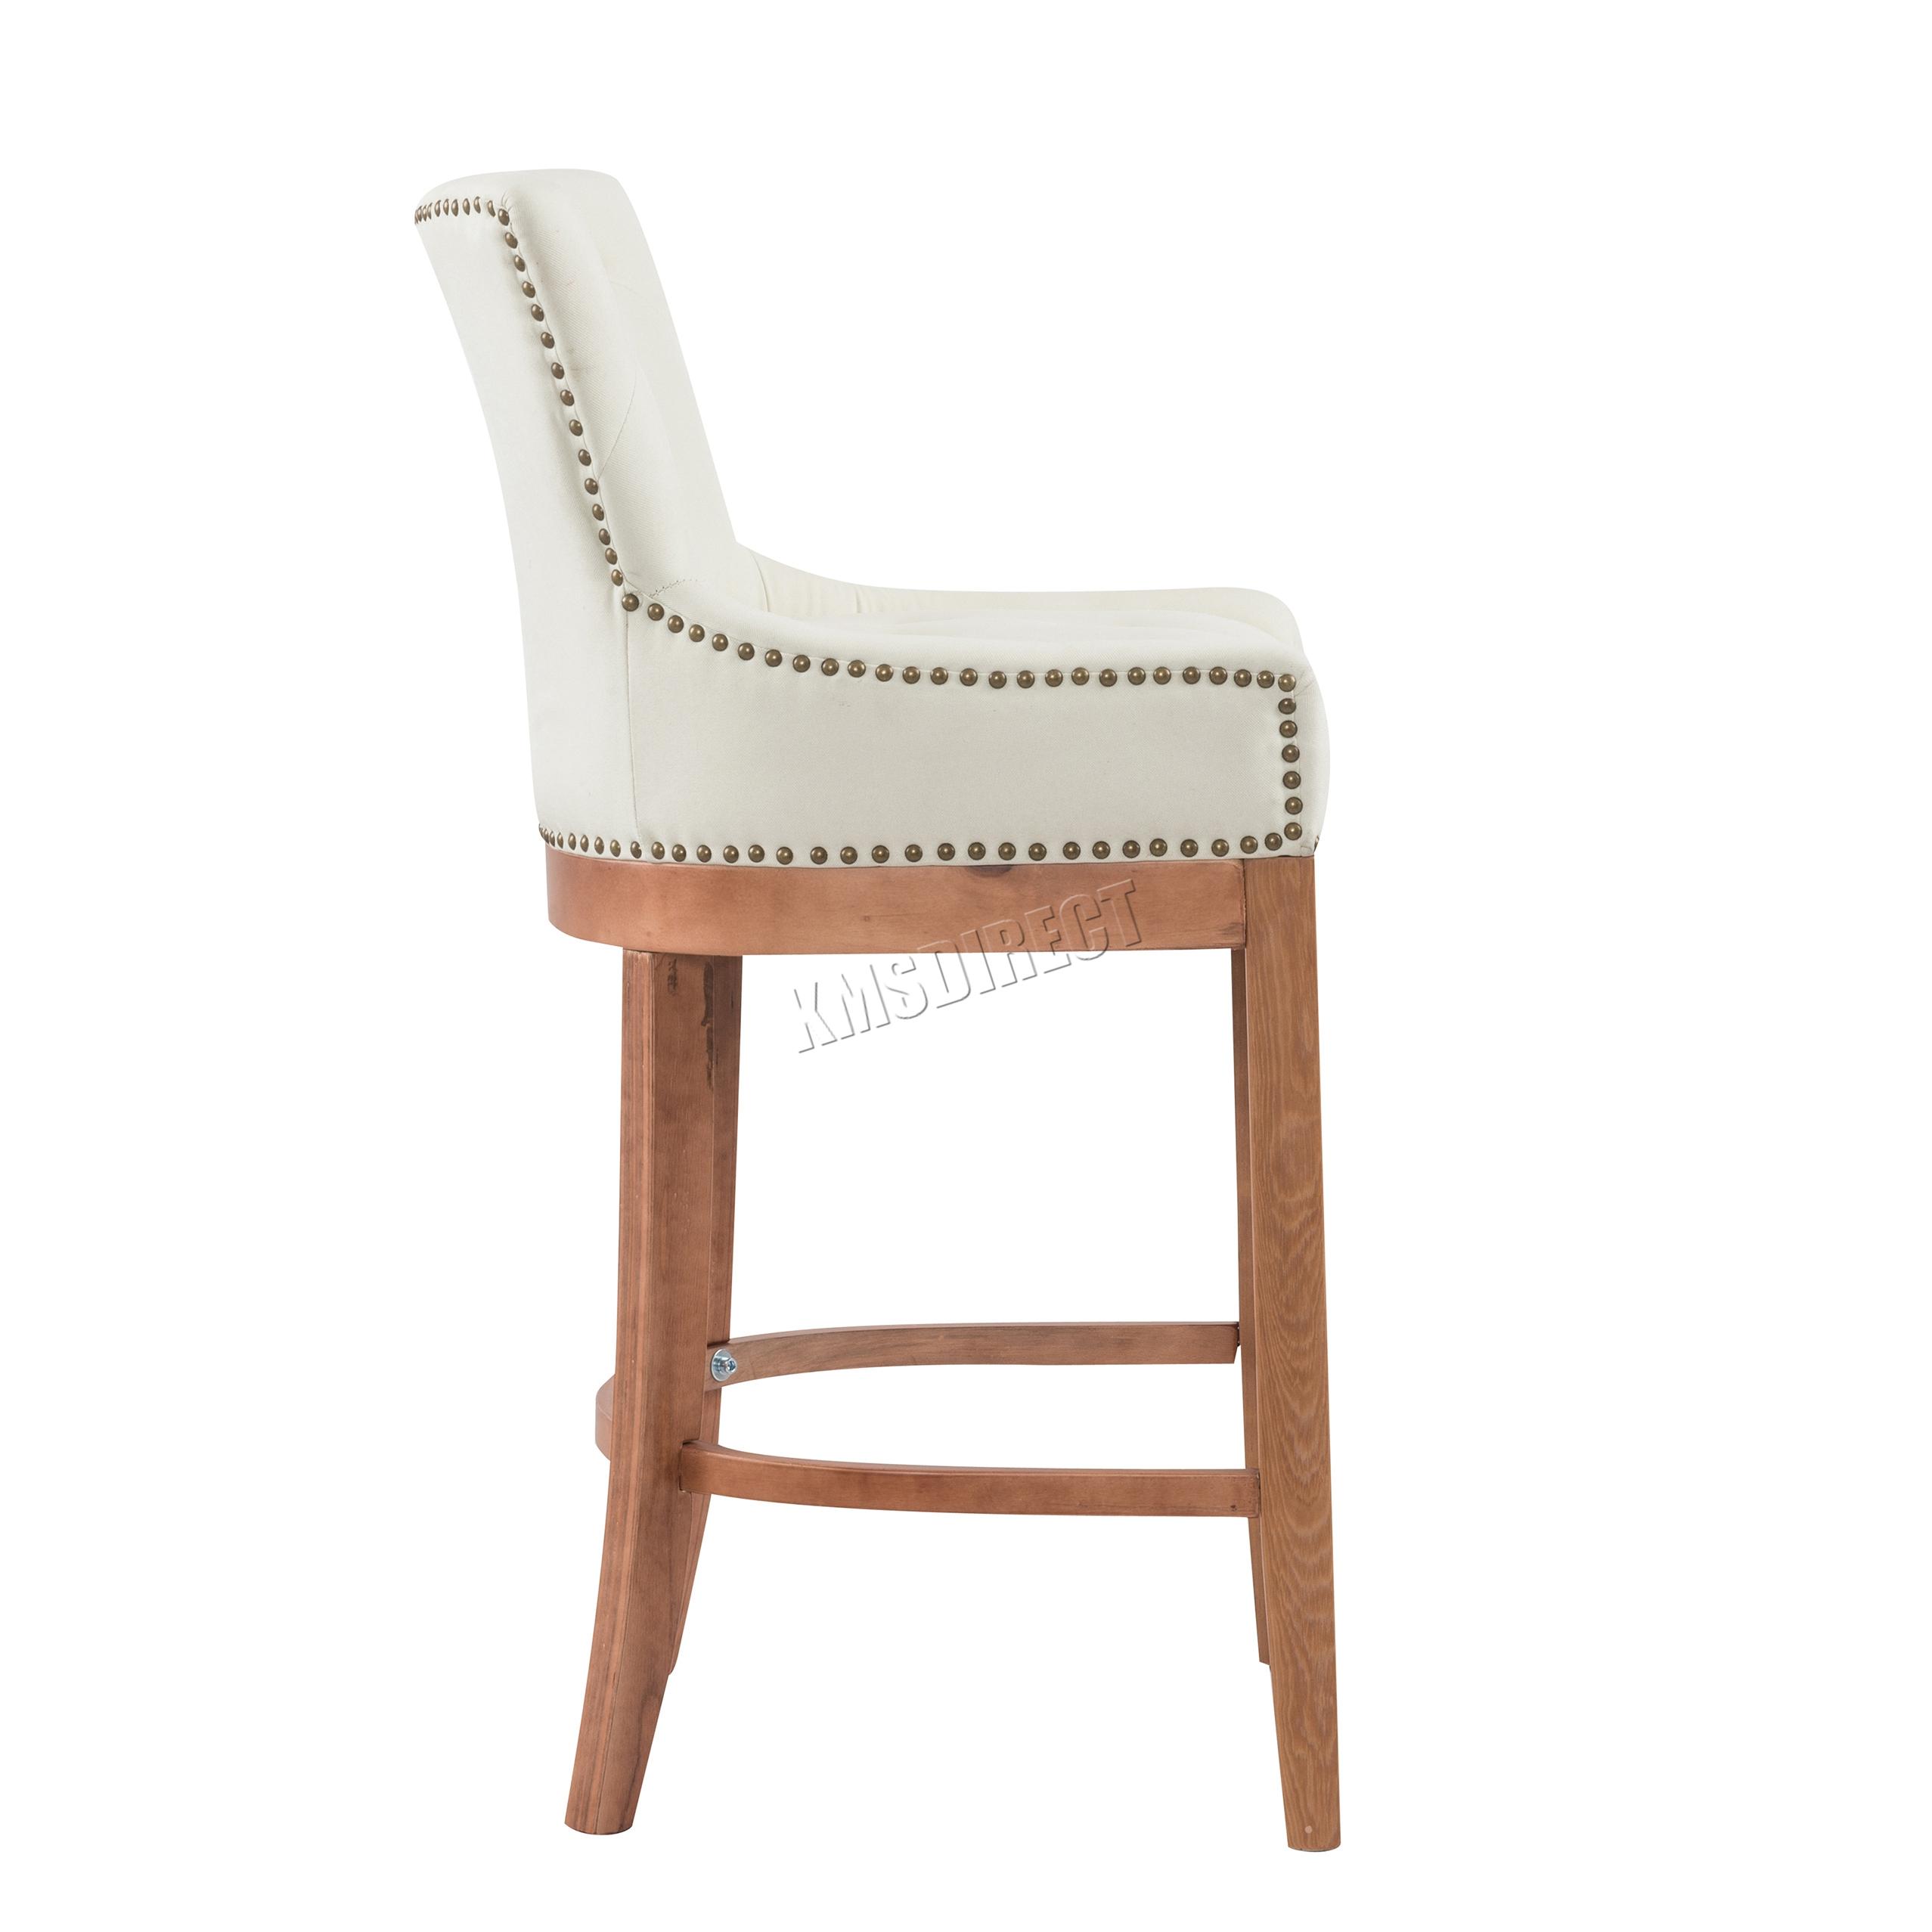 Westwood Fabric Bar Breakfast Stool Pub Dining Chair